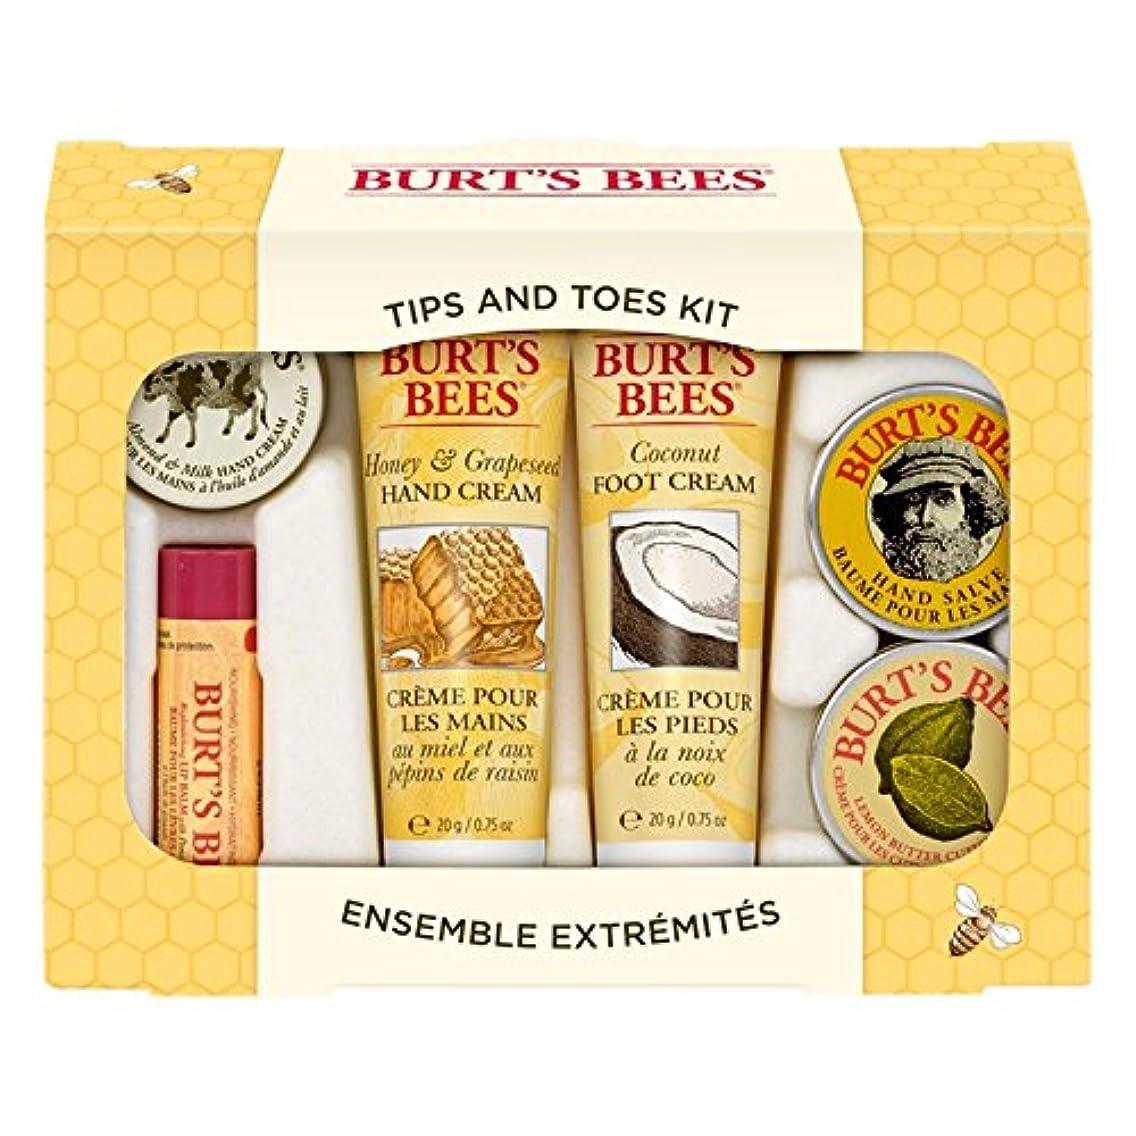 ご注意不純明確にバーツビーのヒントとつま先はスターターキットをスキンケア (Burt's Bees) - Burt's Bees Tips And Toes Skincare Starter Kit [並行輸入品]